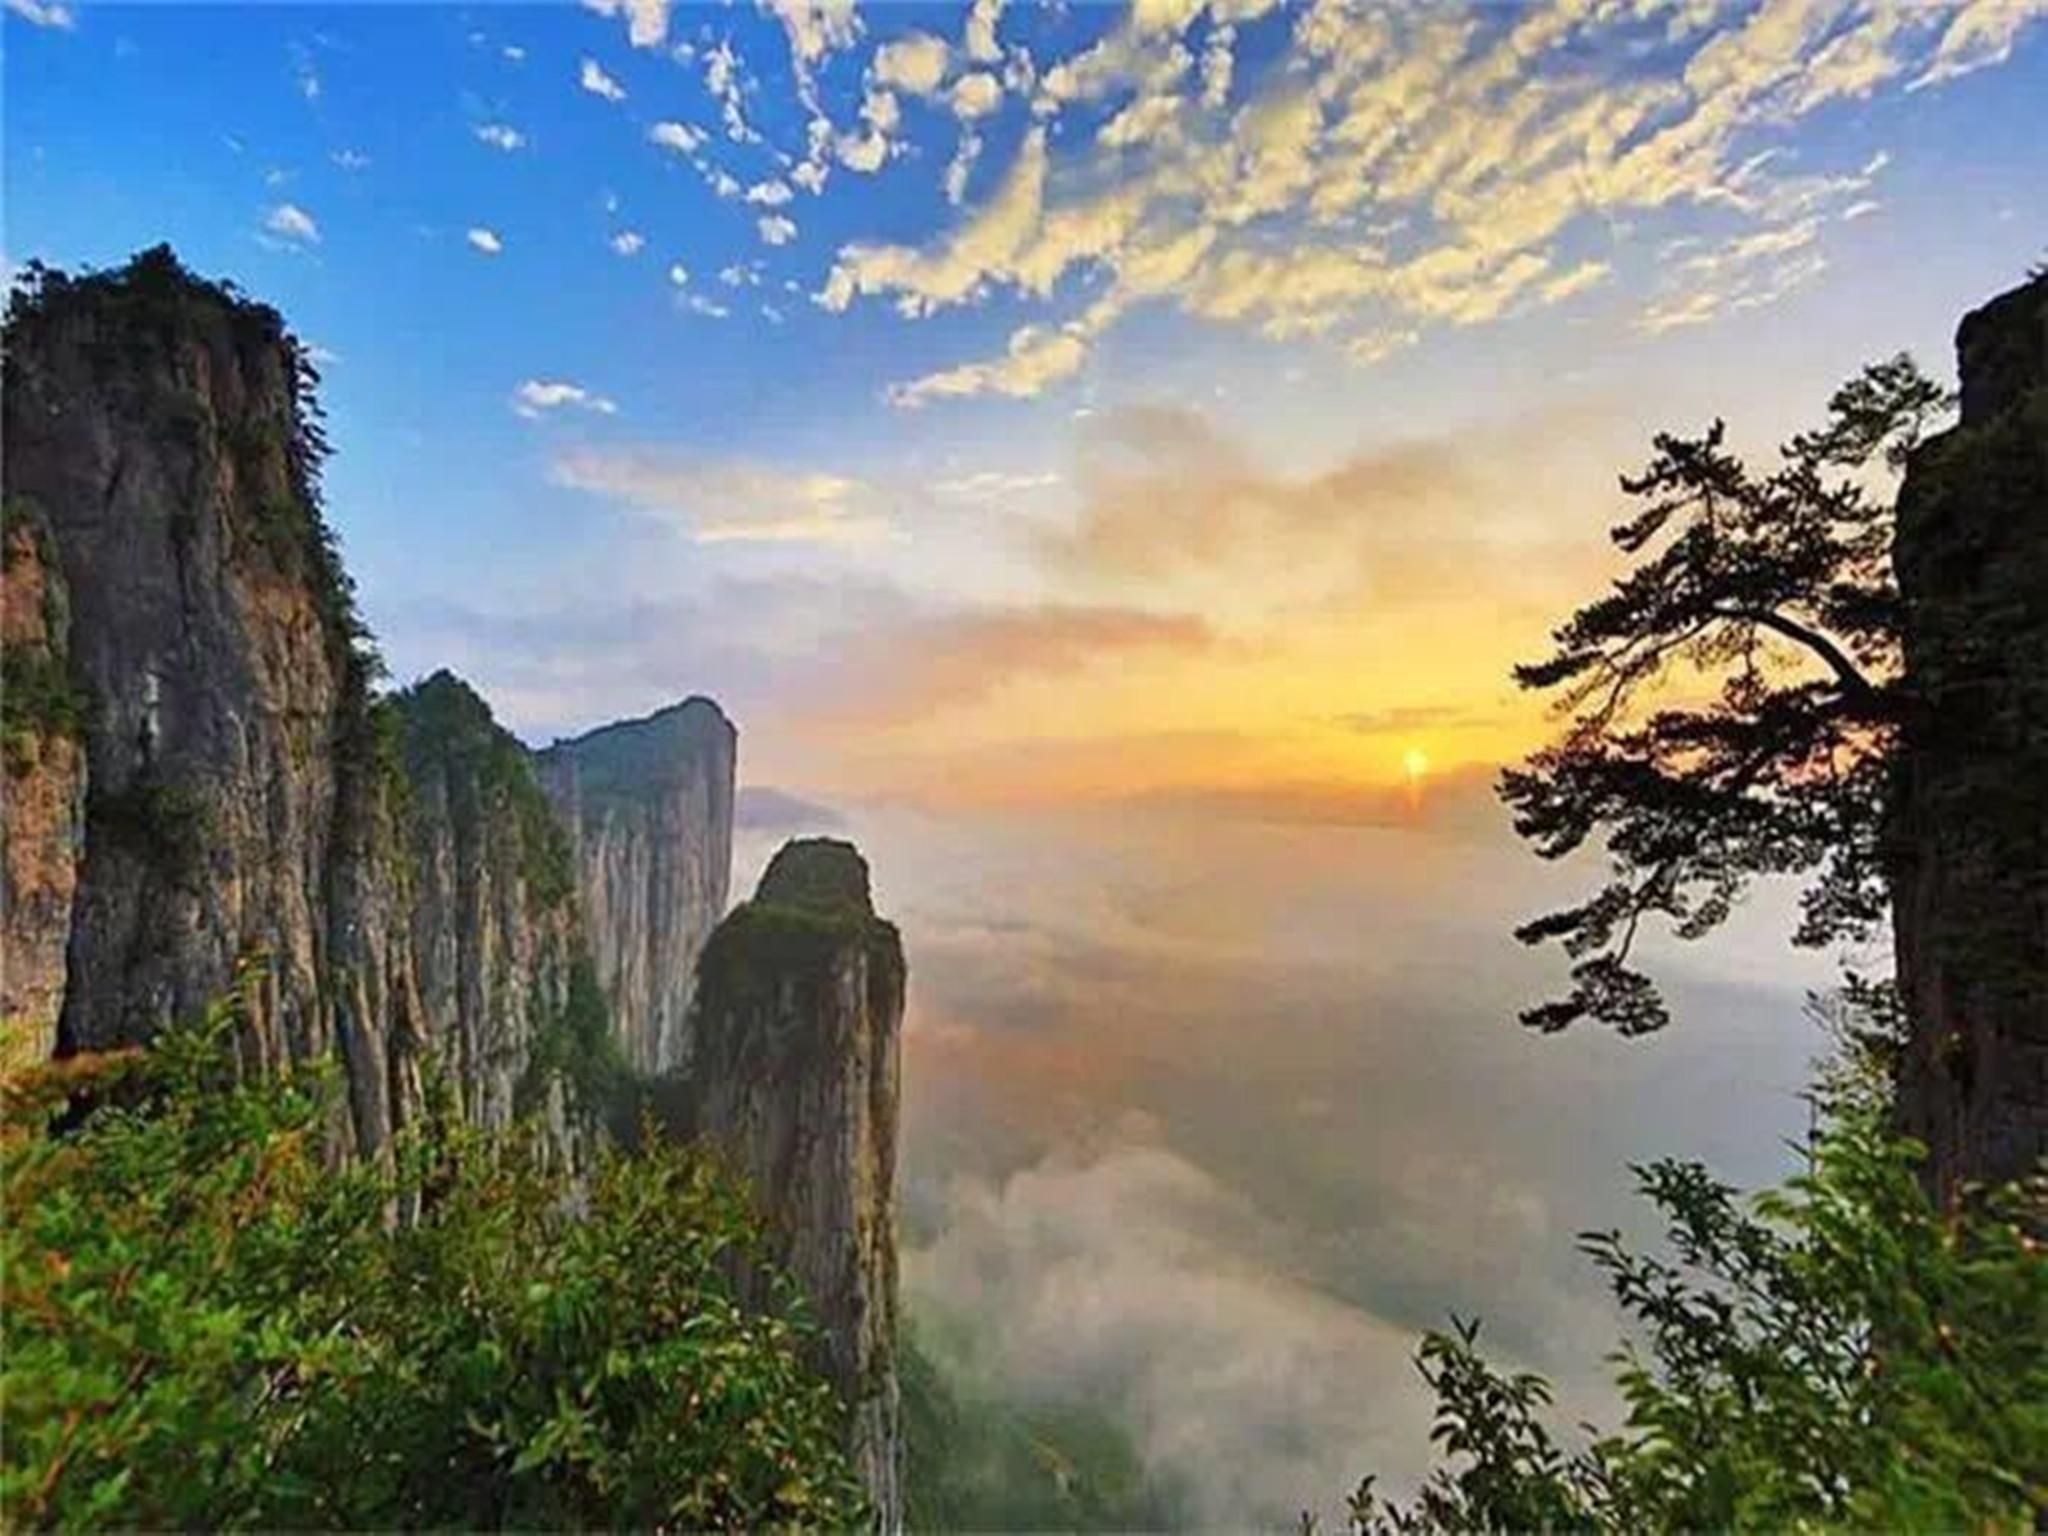 恩施大峡谷-梭布垭石林-土司皇城-土家女儿城-恩施大清江广州双高5日游